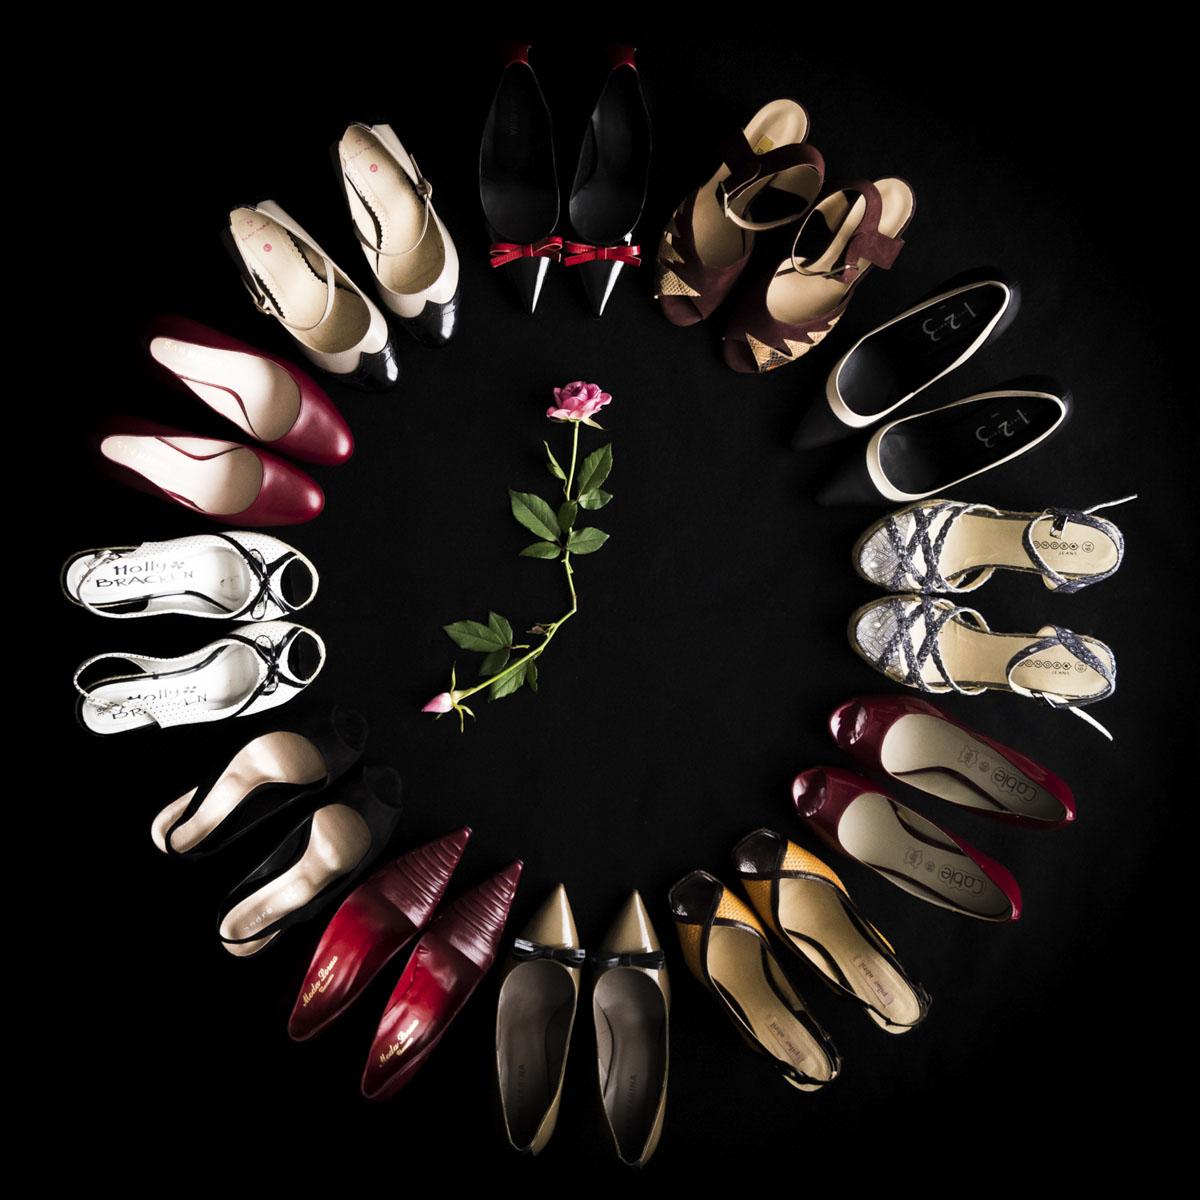 Alexandra Chollet, Atelier Focale 16, Mes souliers, Janvier 2021